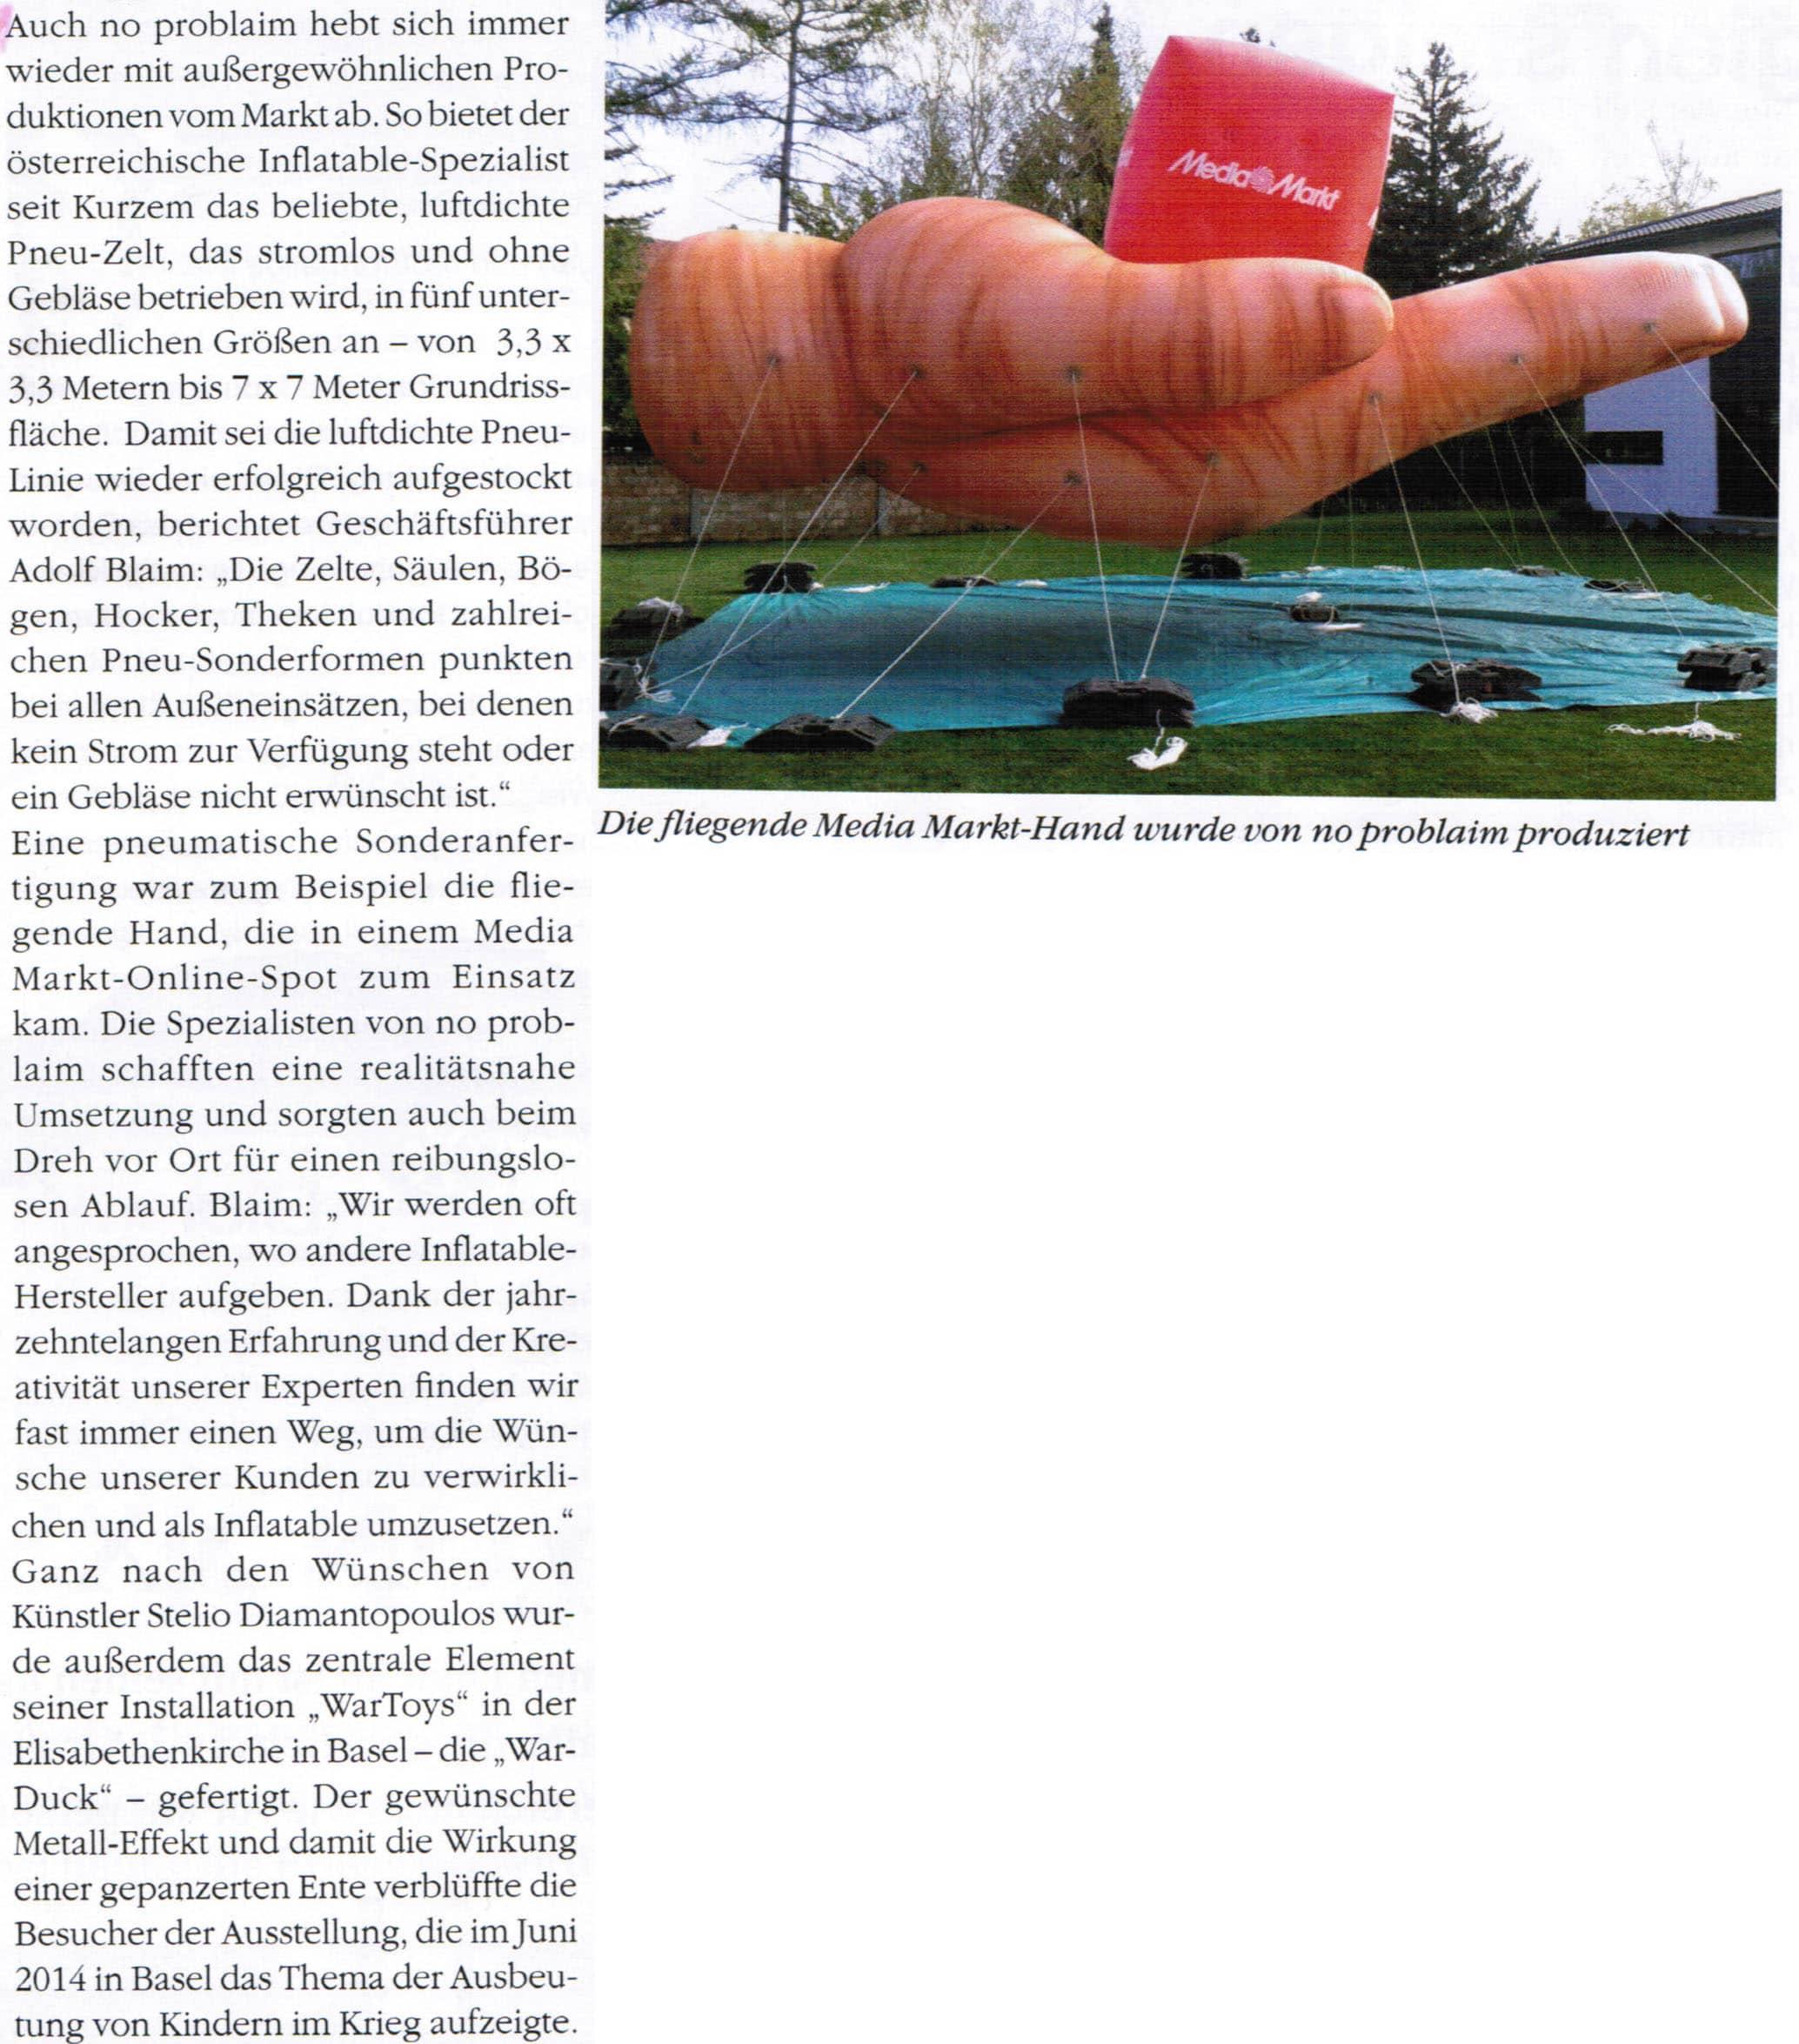 Extradienst-Media-Markt-Hand-09-2014